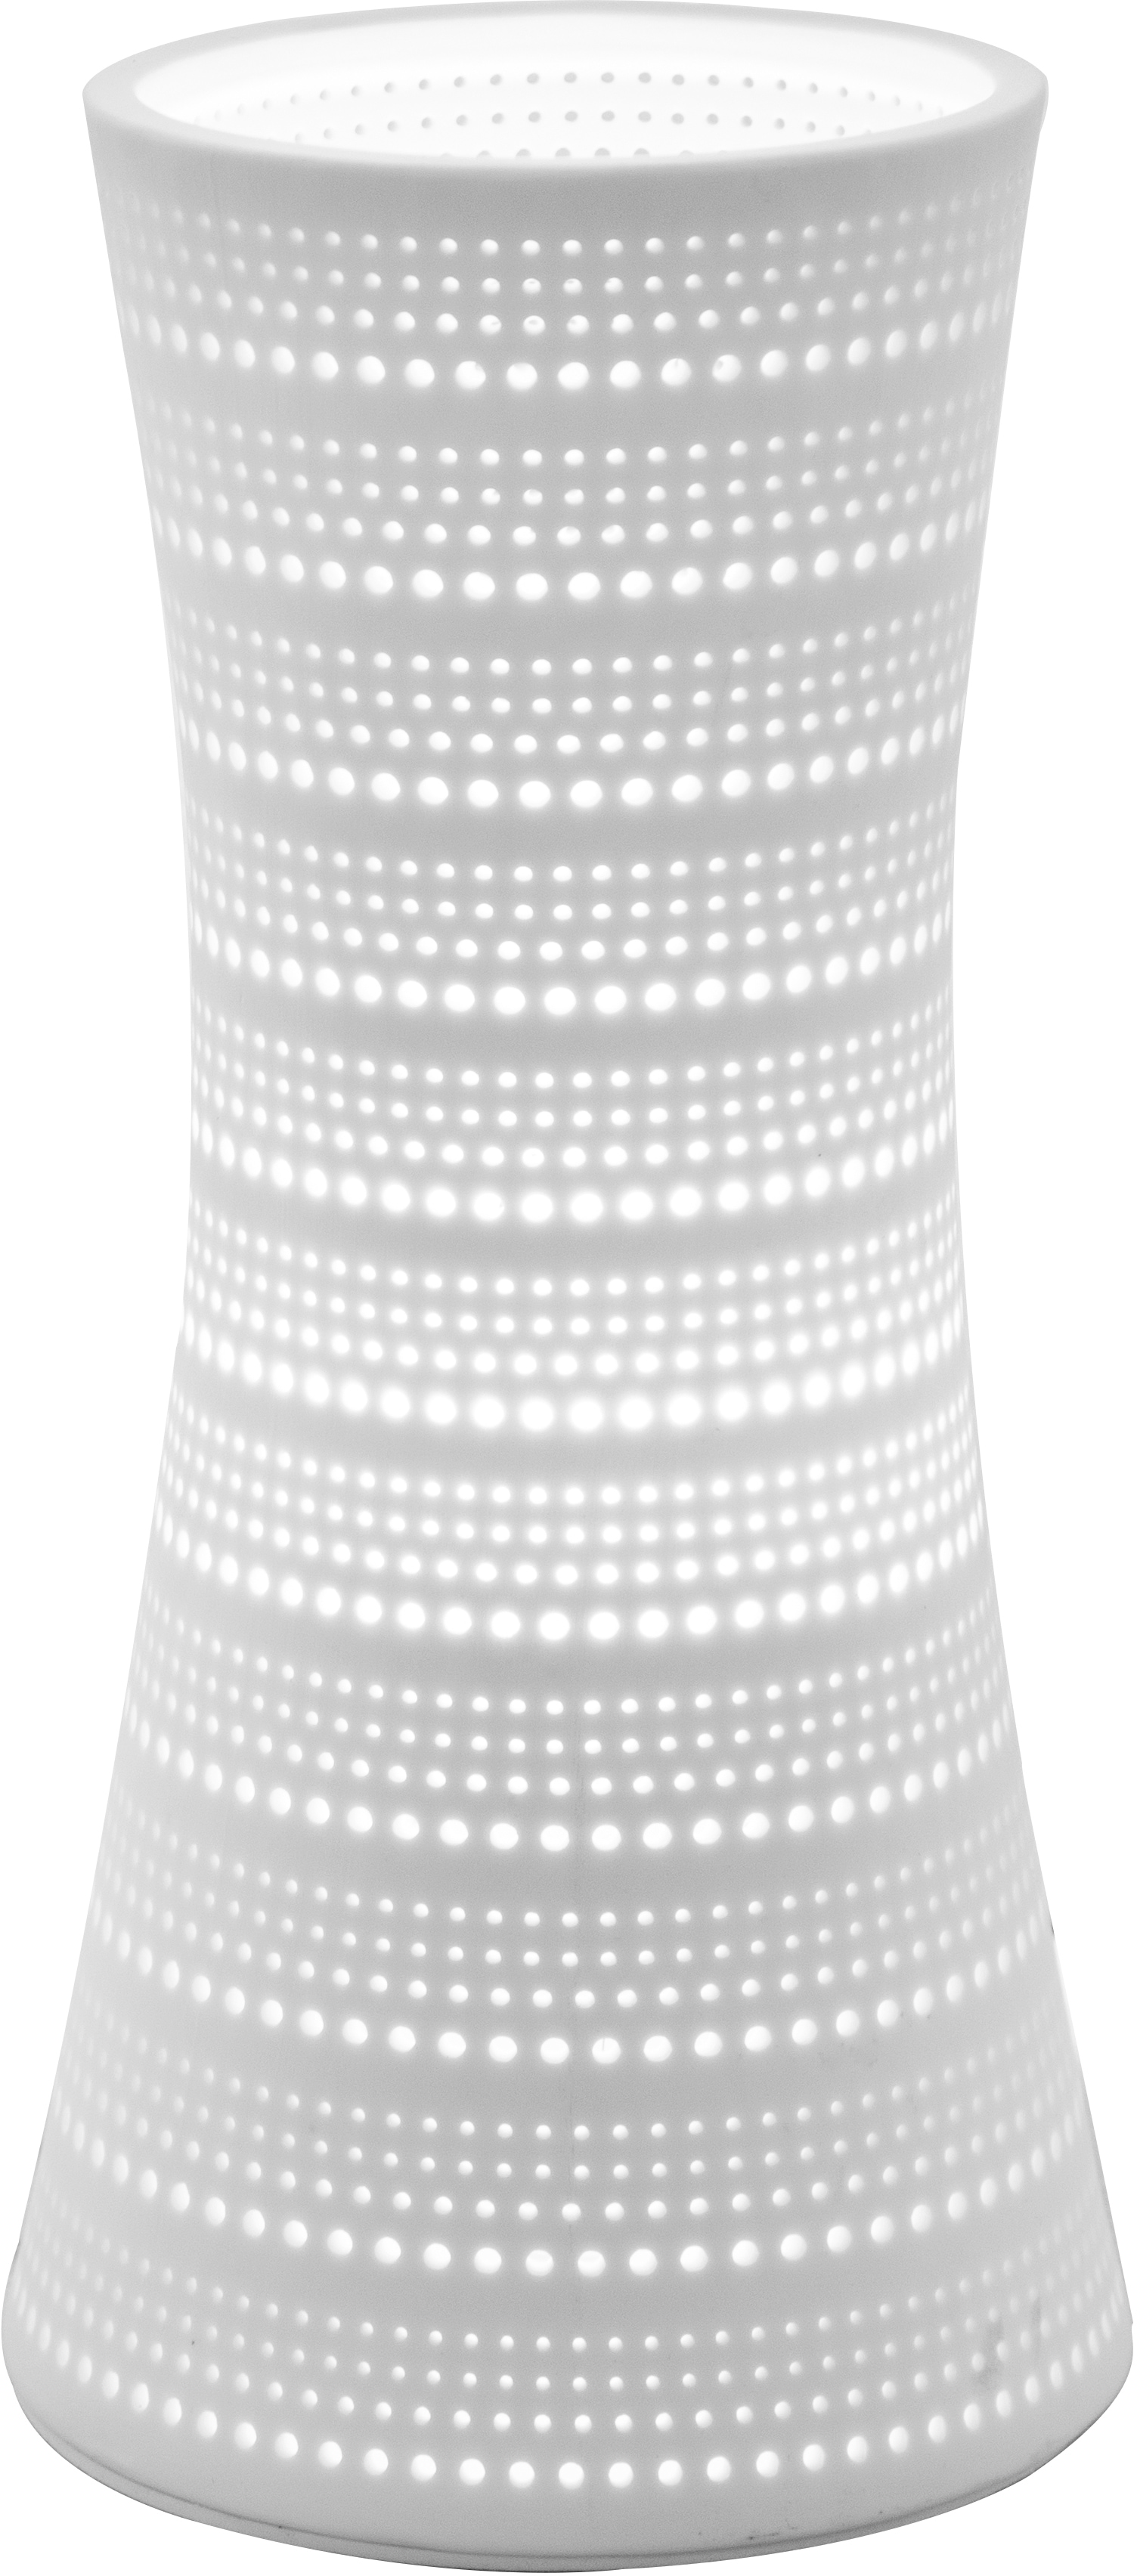 Nino Leuchten Tischleuchte Caro, E14, 1 St.